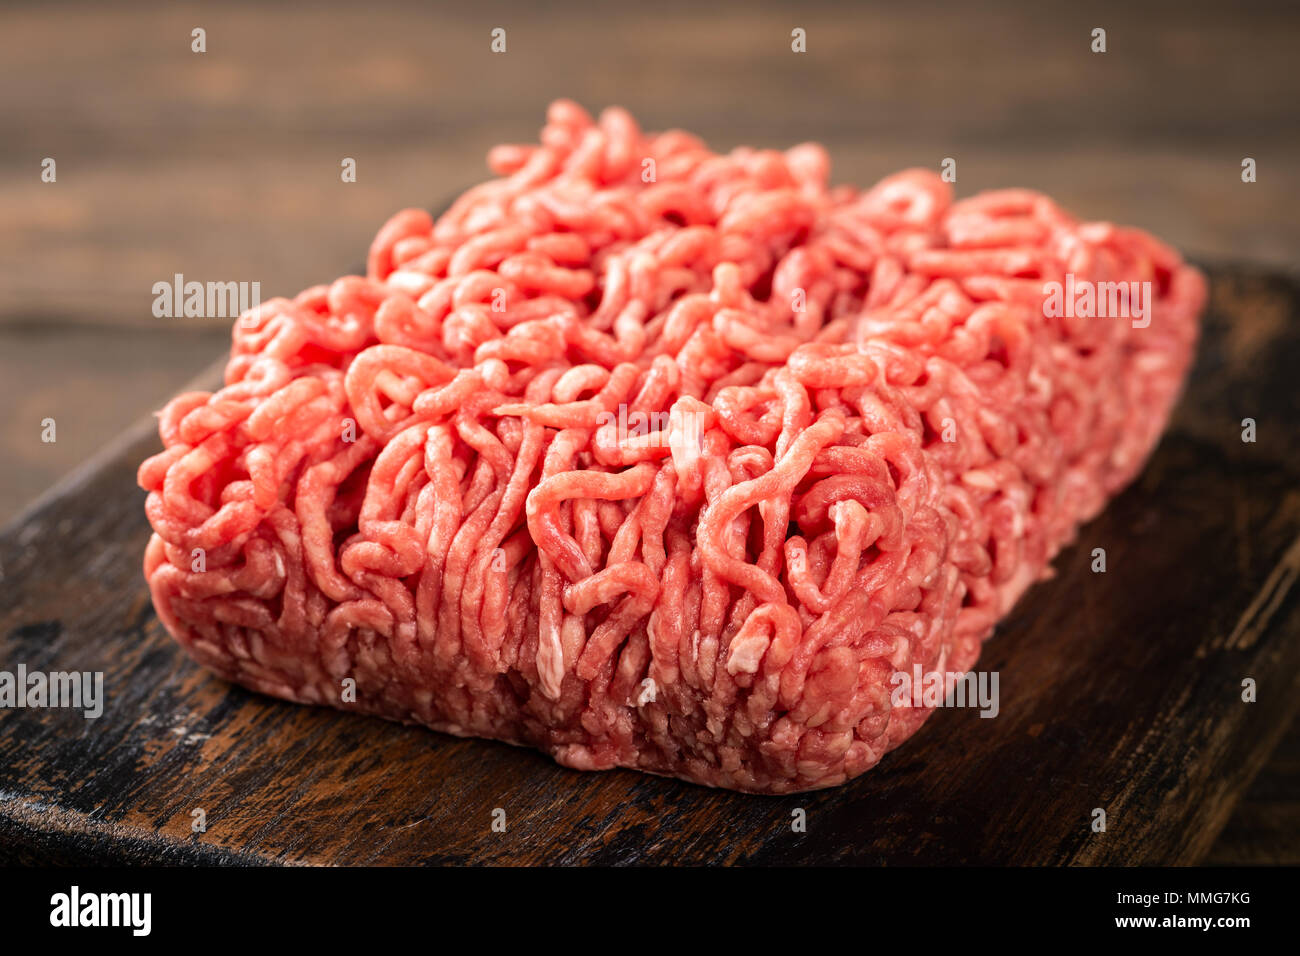 La carne picada de vacuno fresca cruda Imagen De Stock